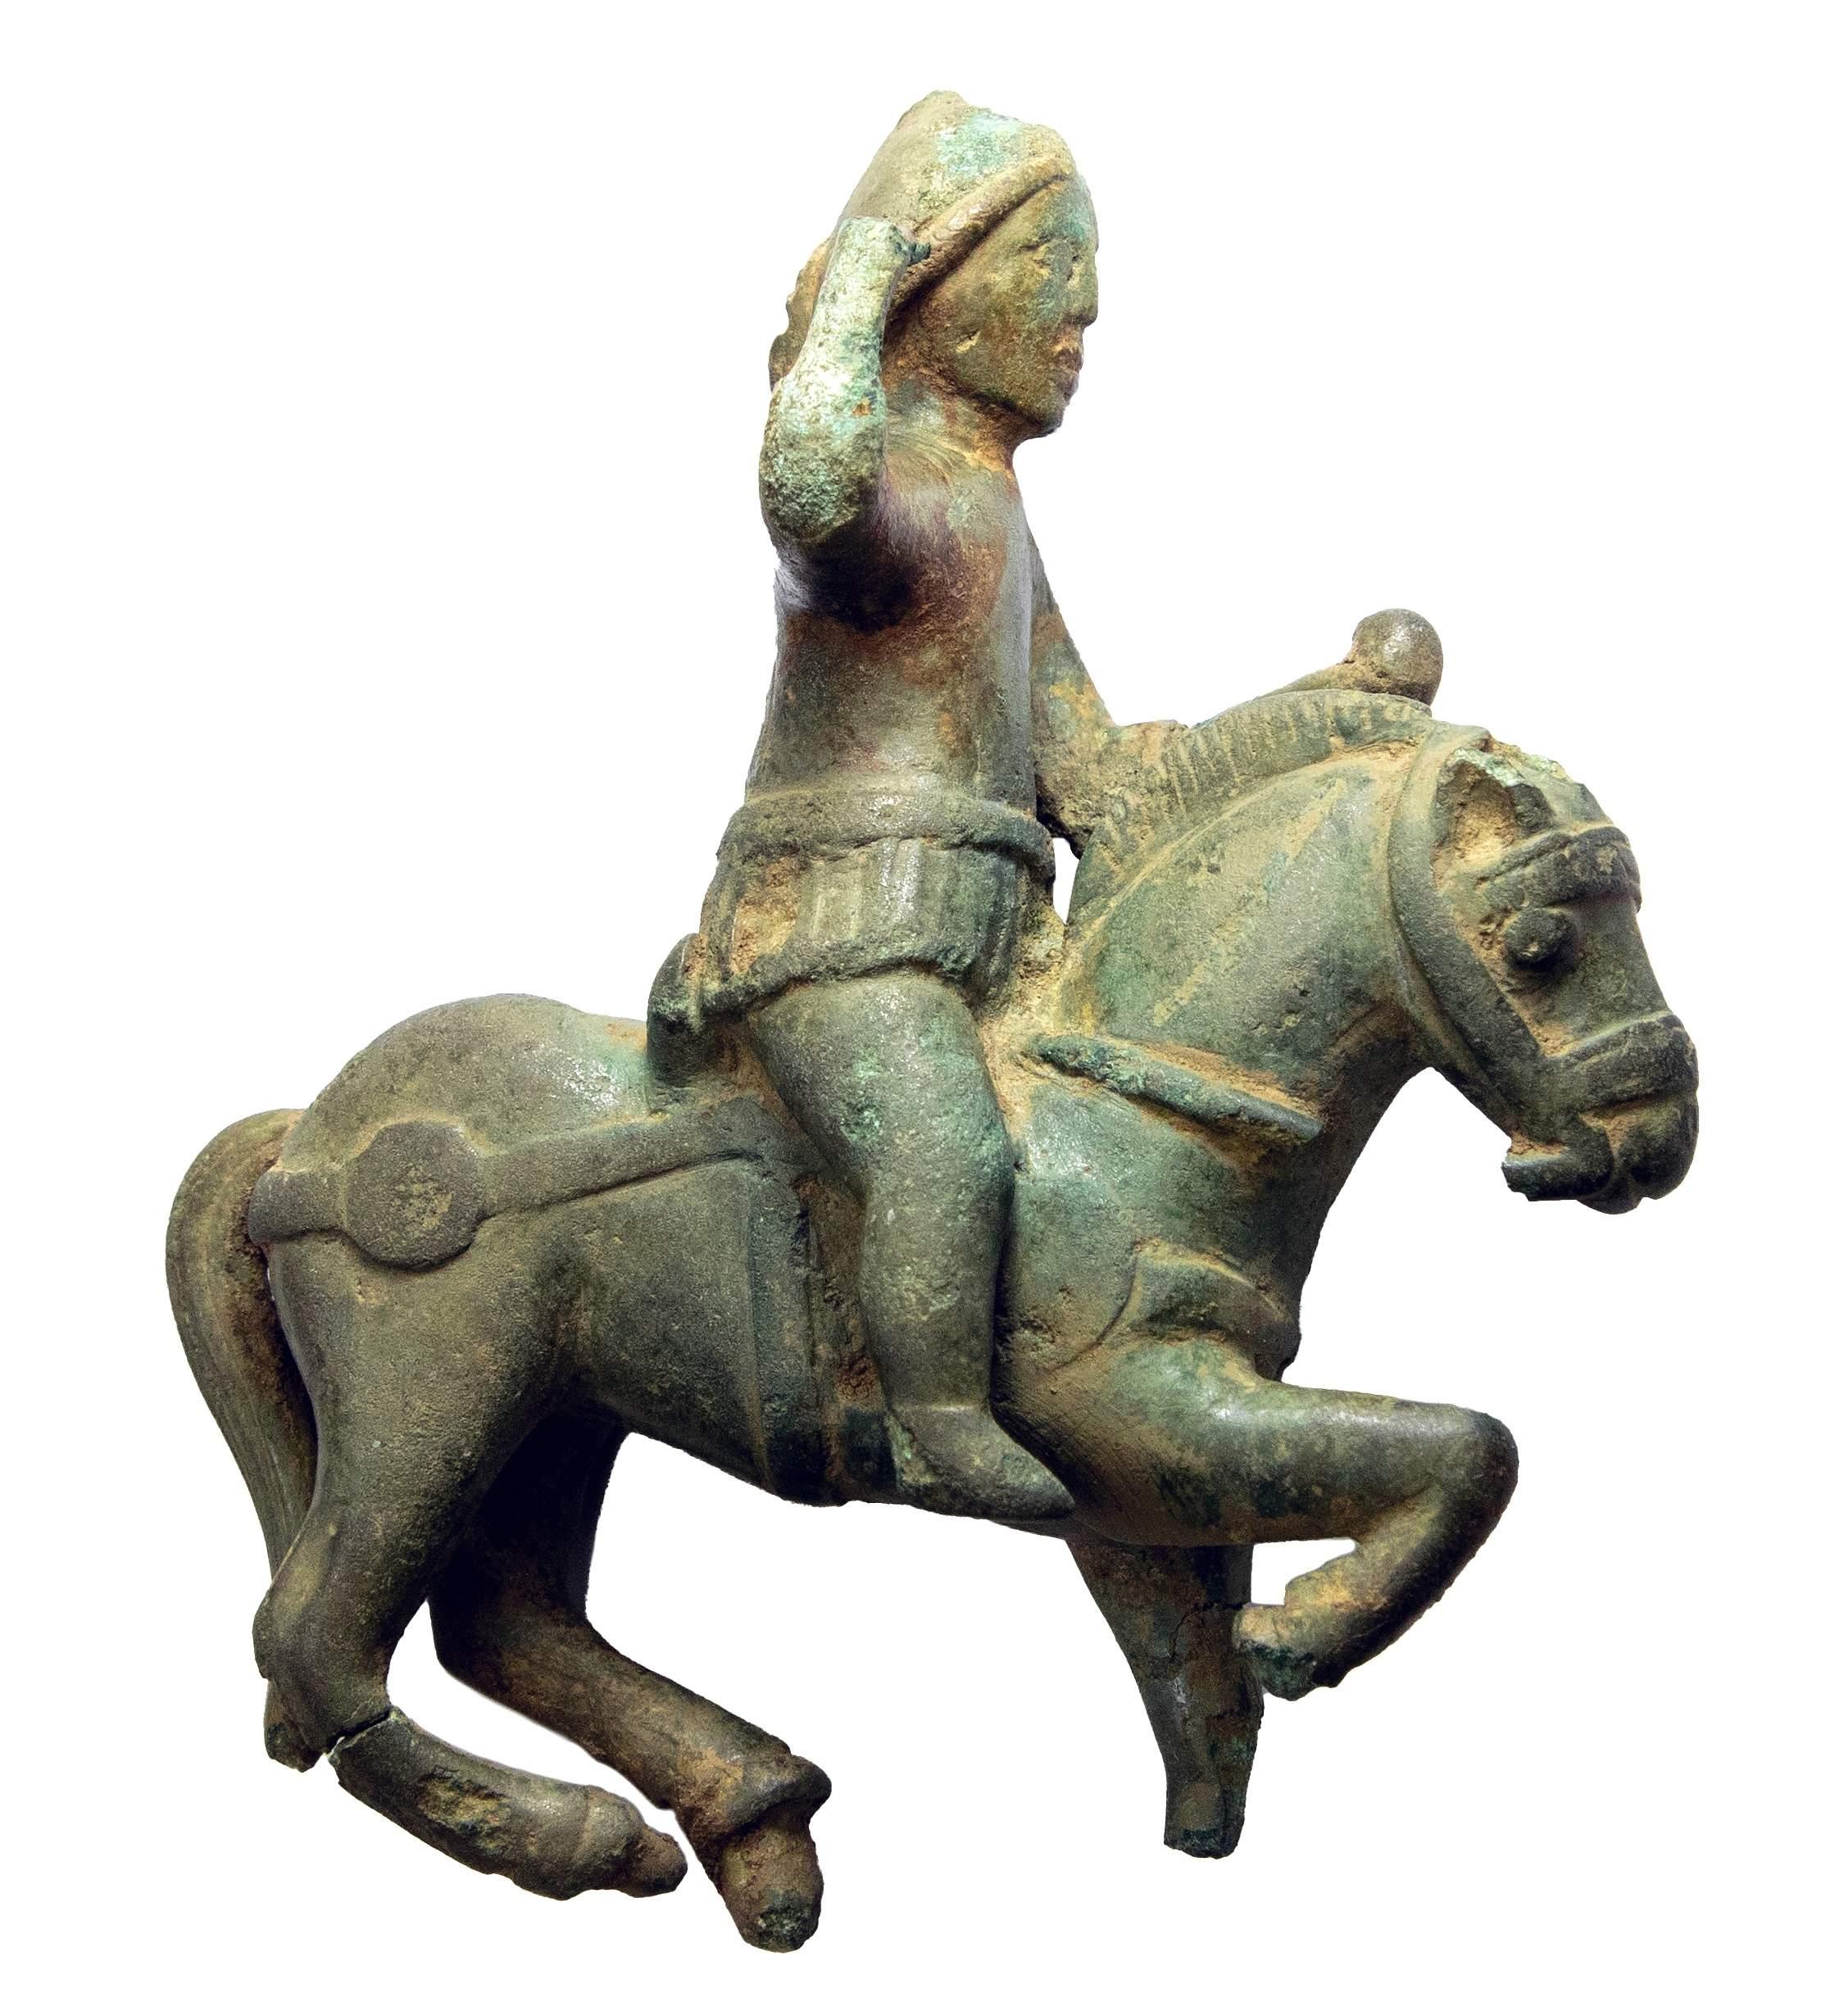 Equestrian statuette of the Roman god Mars